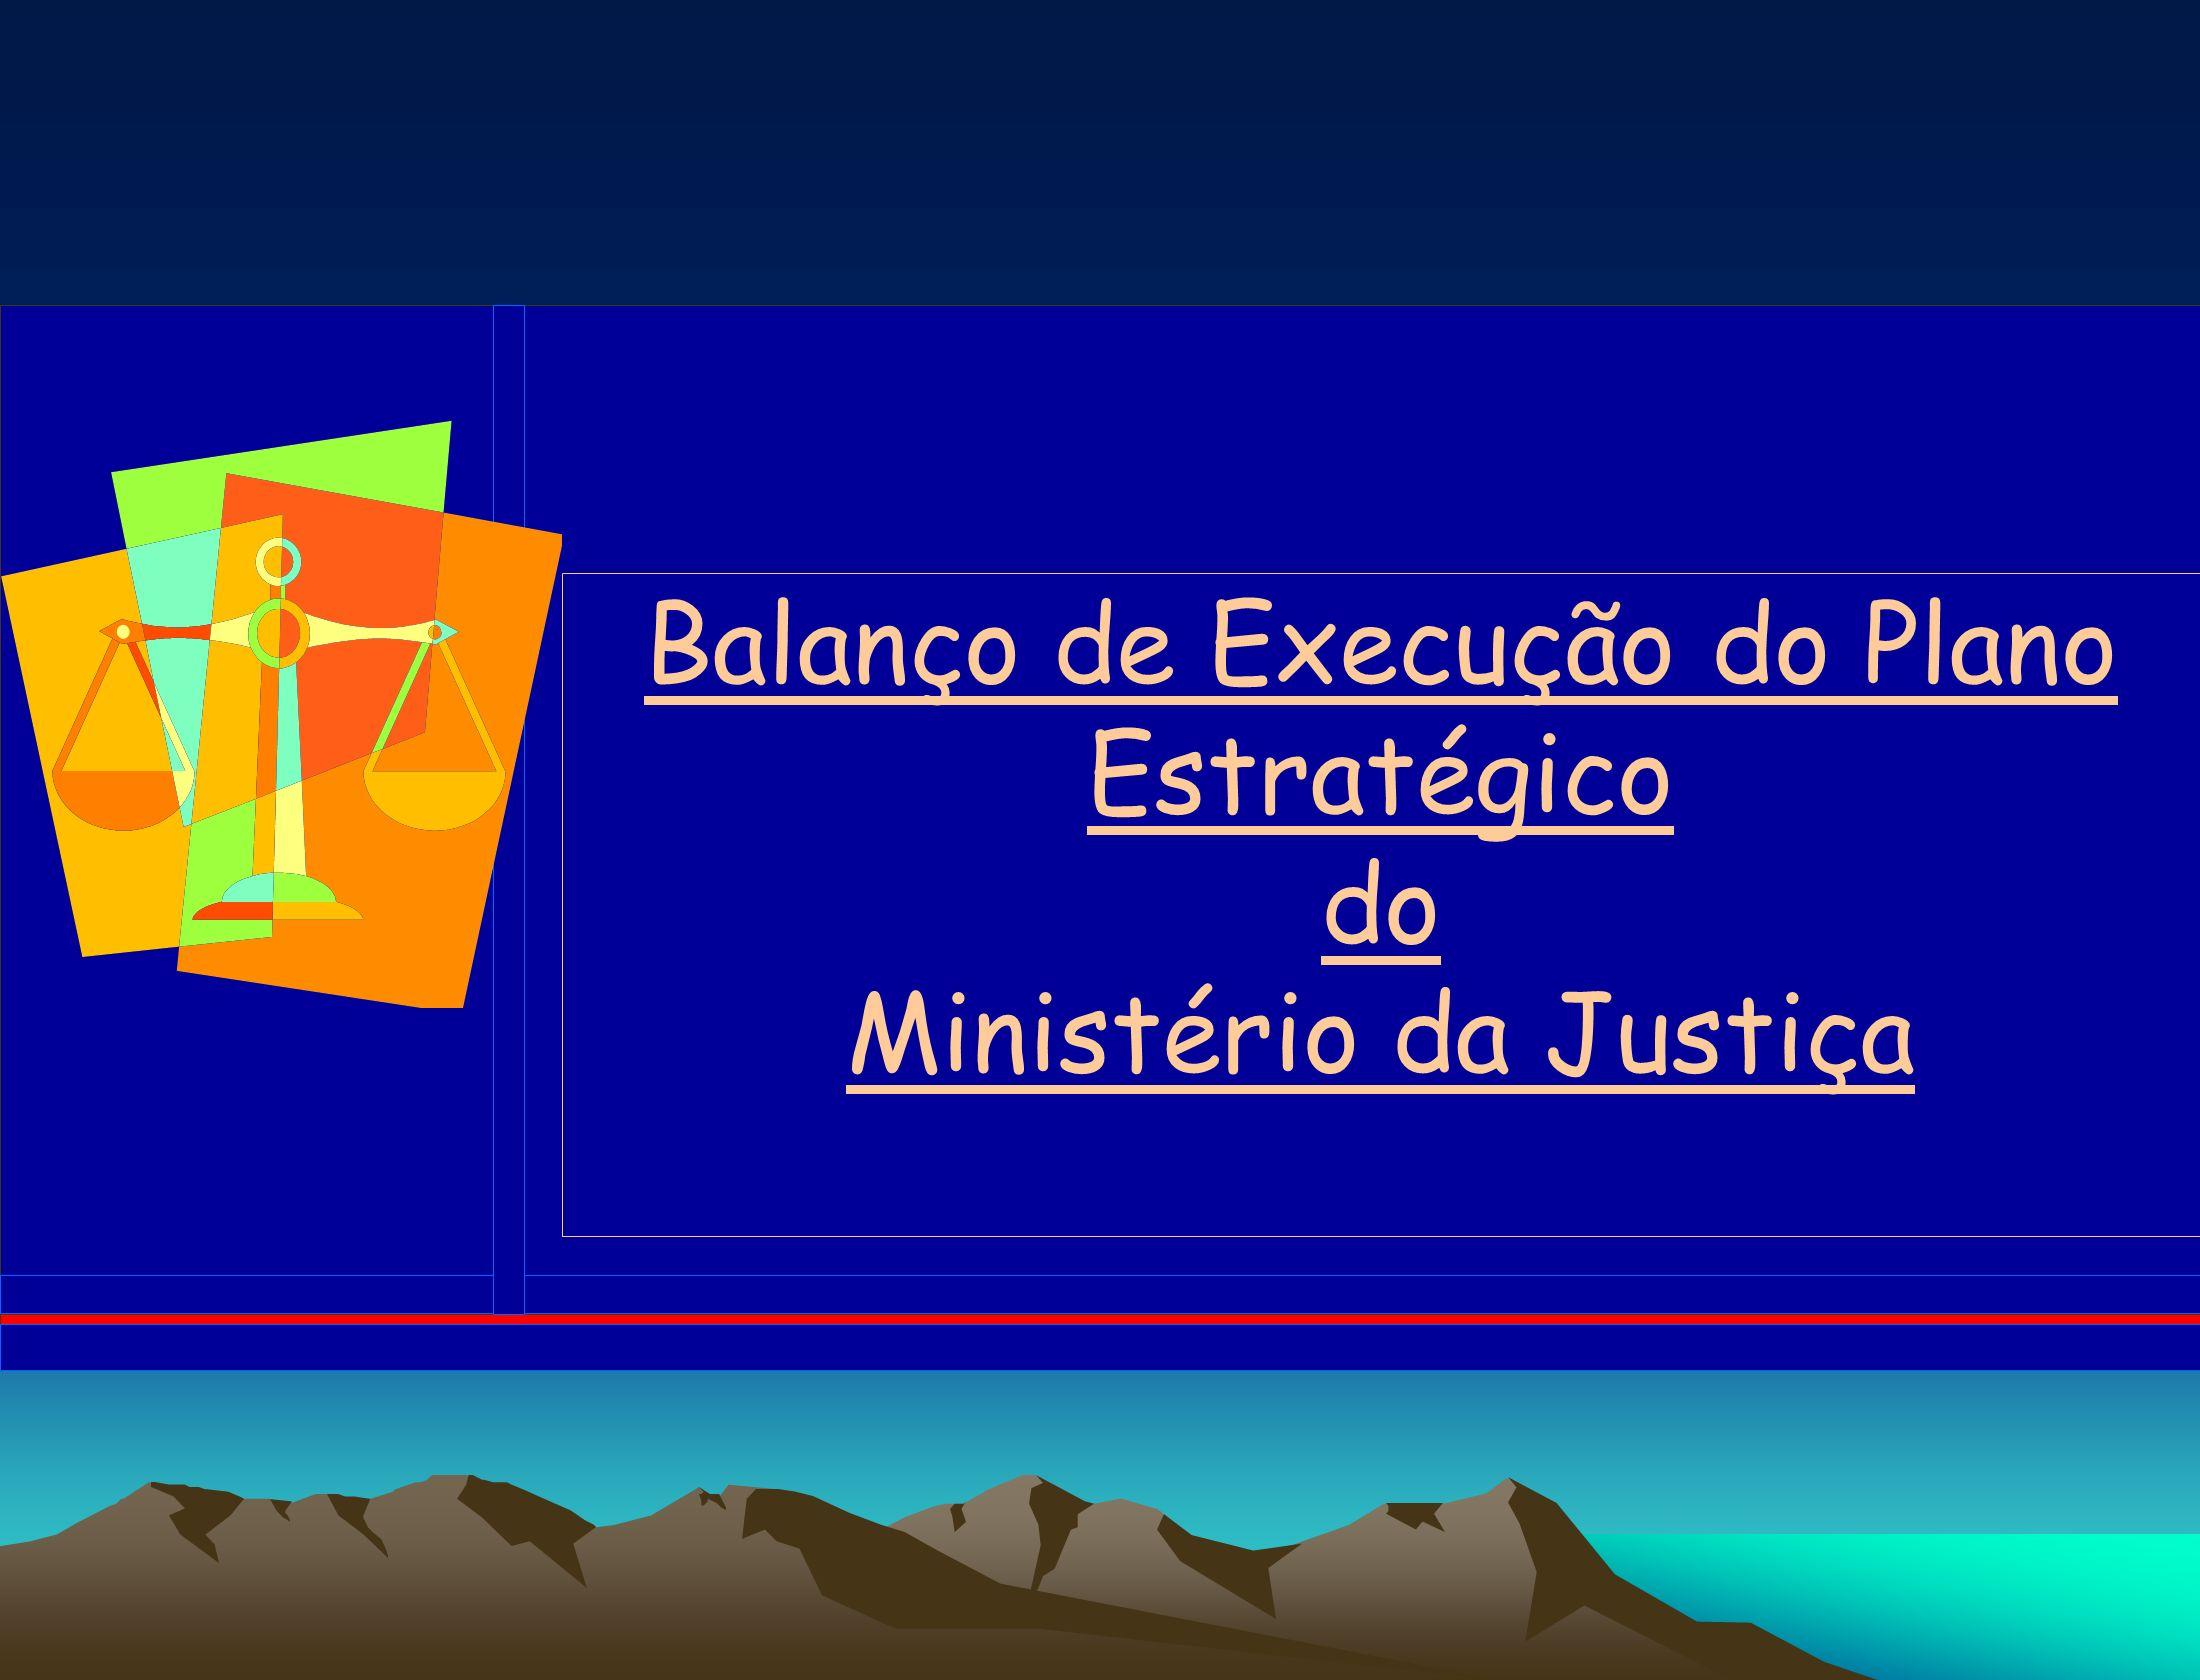 GRANDES OPÇÕES DO PLANO ANÁLISE DA SITUAÇÃO (2001 – 2002) PLANO NACIONAL DE DESENVOLVIMENTO PLANO ESTRATÉGICO DA JUSTIÇA PROGRAMA 1 PROGRAMA 2PROGRAMA 3 SUB -PROGRAMA 1 SUB -PROGRAMA 2 SUB -PROGRAMA 1 SUB -PROGRAMA 3 SUB -PROGRAMA 2 SUB -PROGRAMA 1 SUB -PROGRAMA 2 SUB -PROGRAMA 4